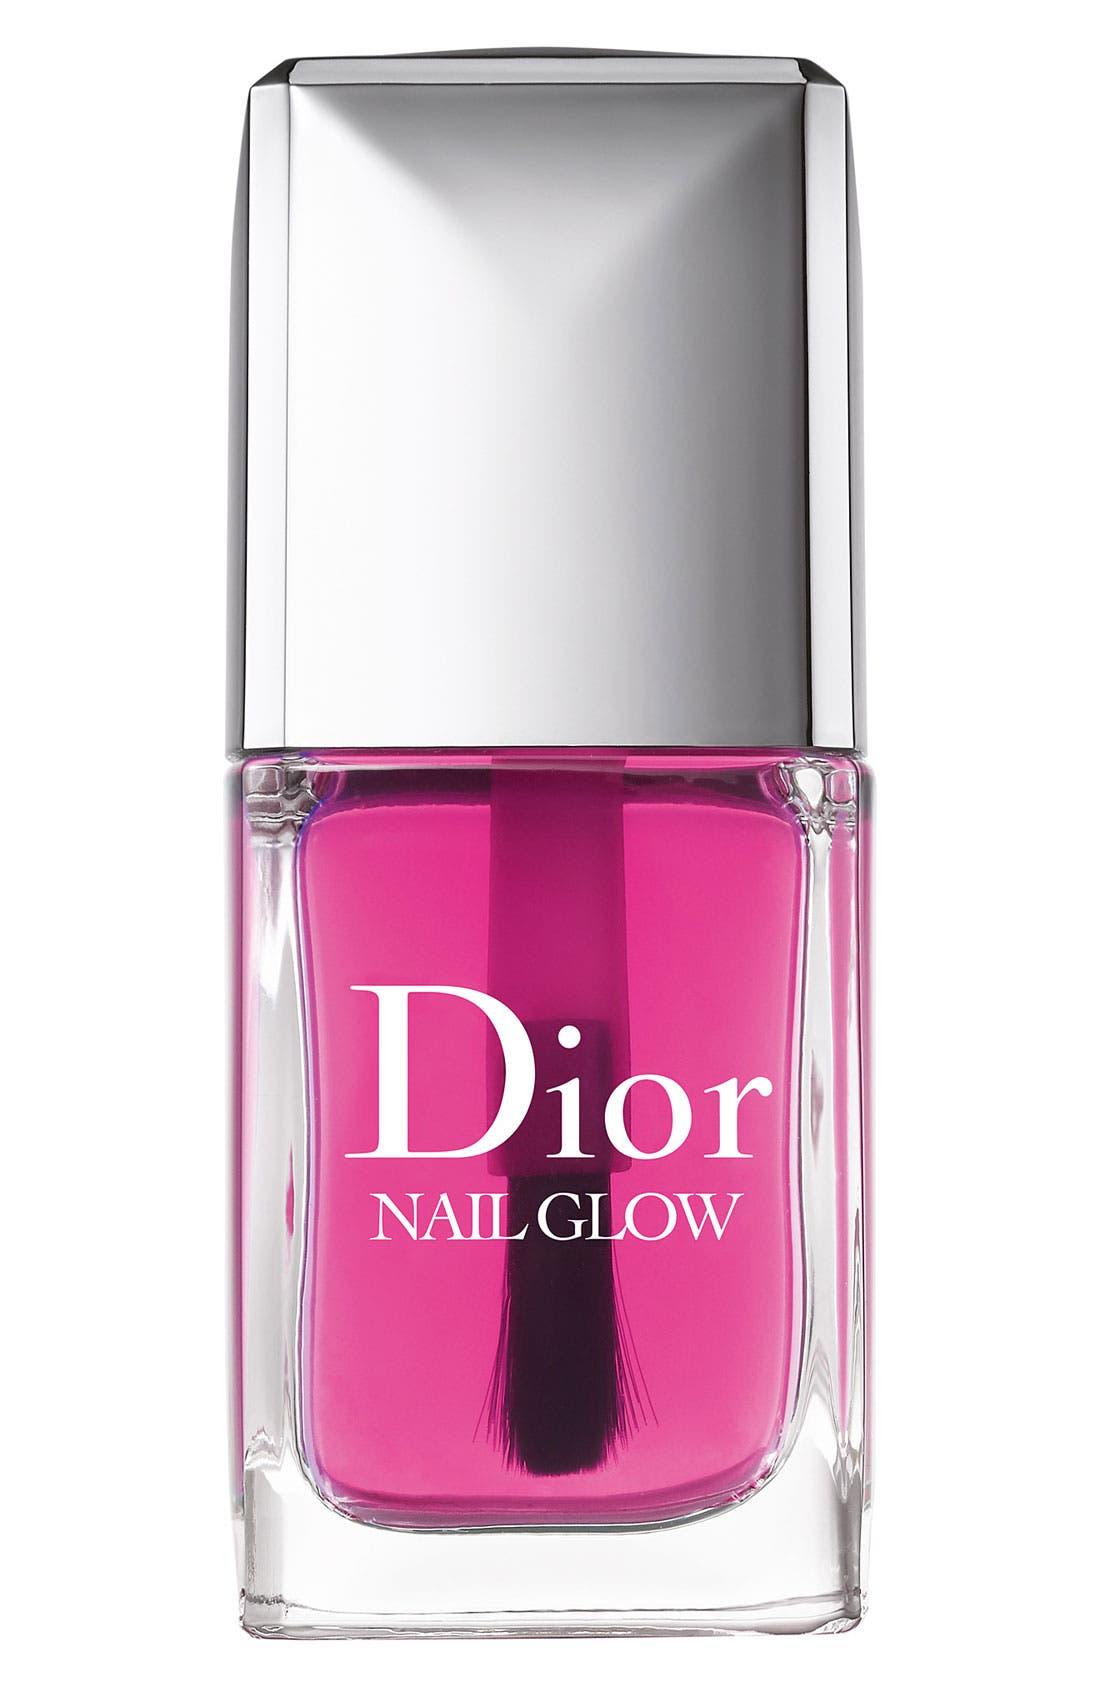 Dior 'Nail Glow' Nail Enhancer